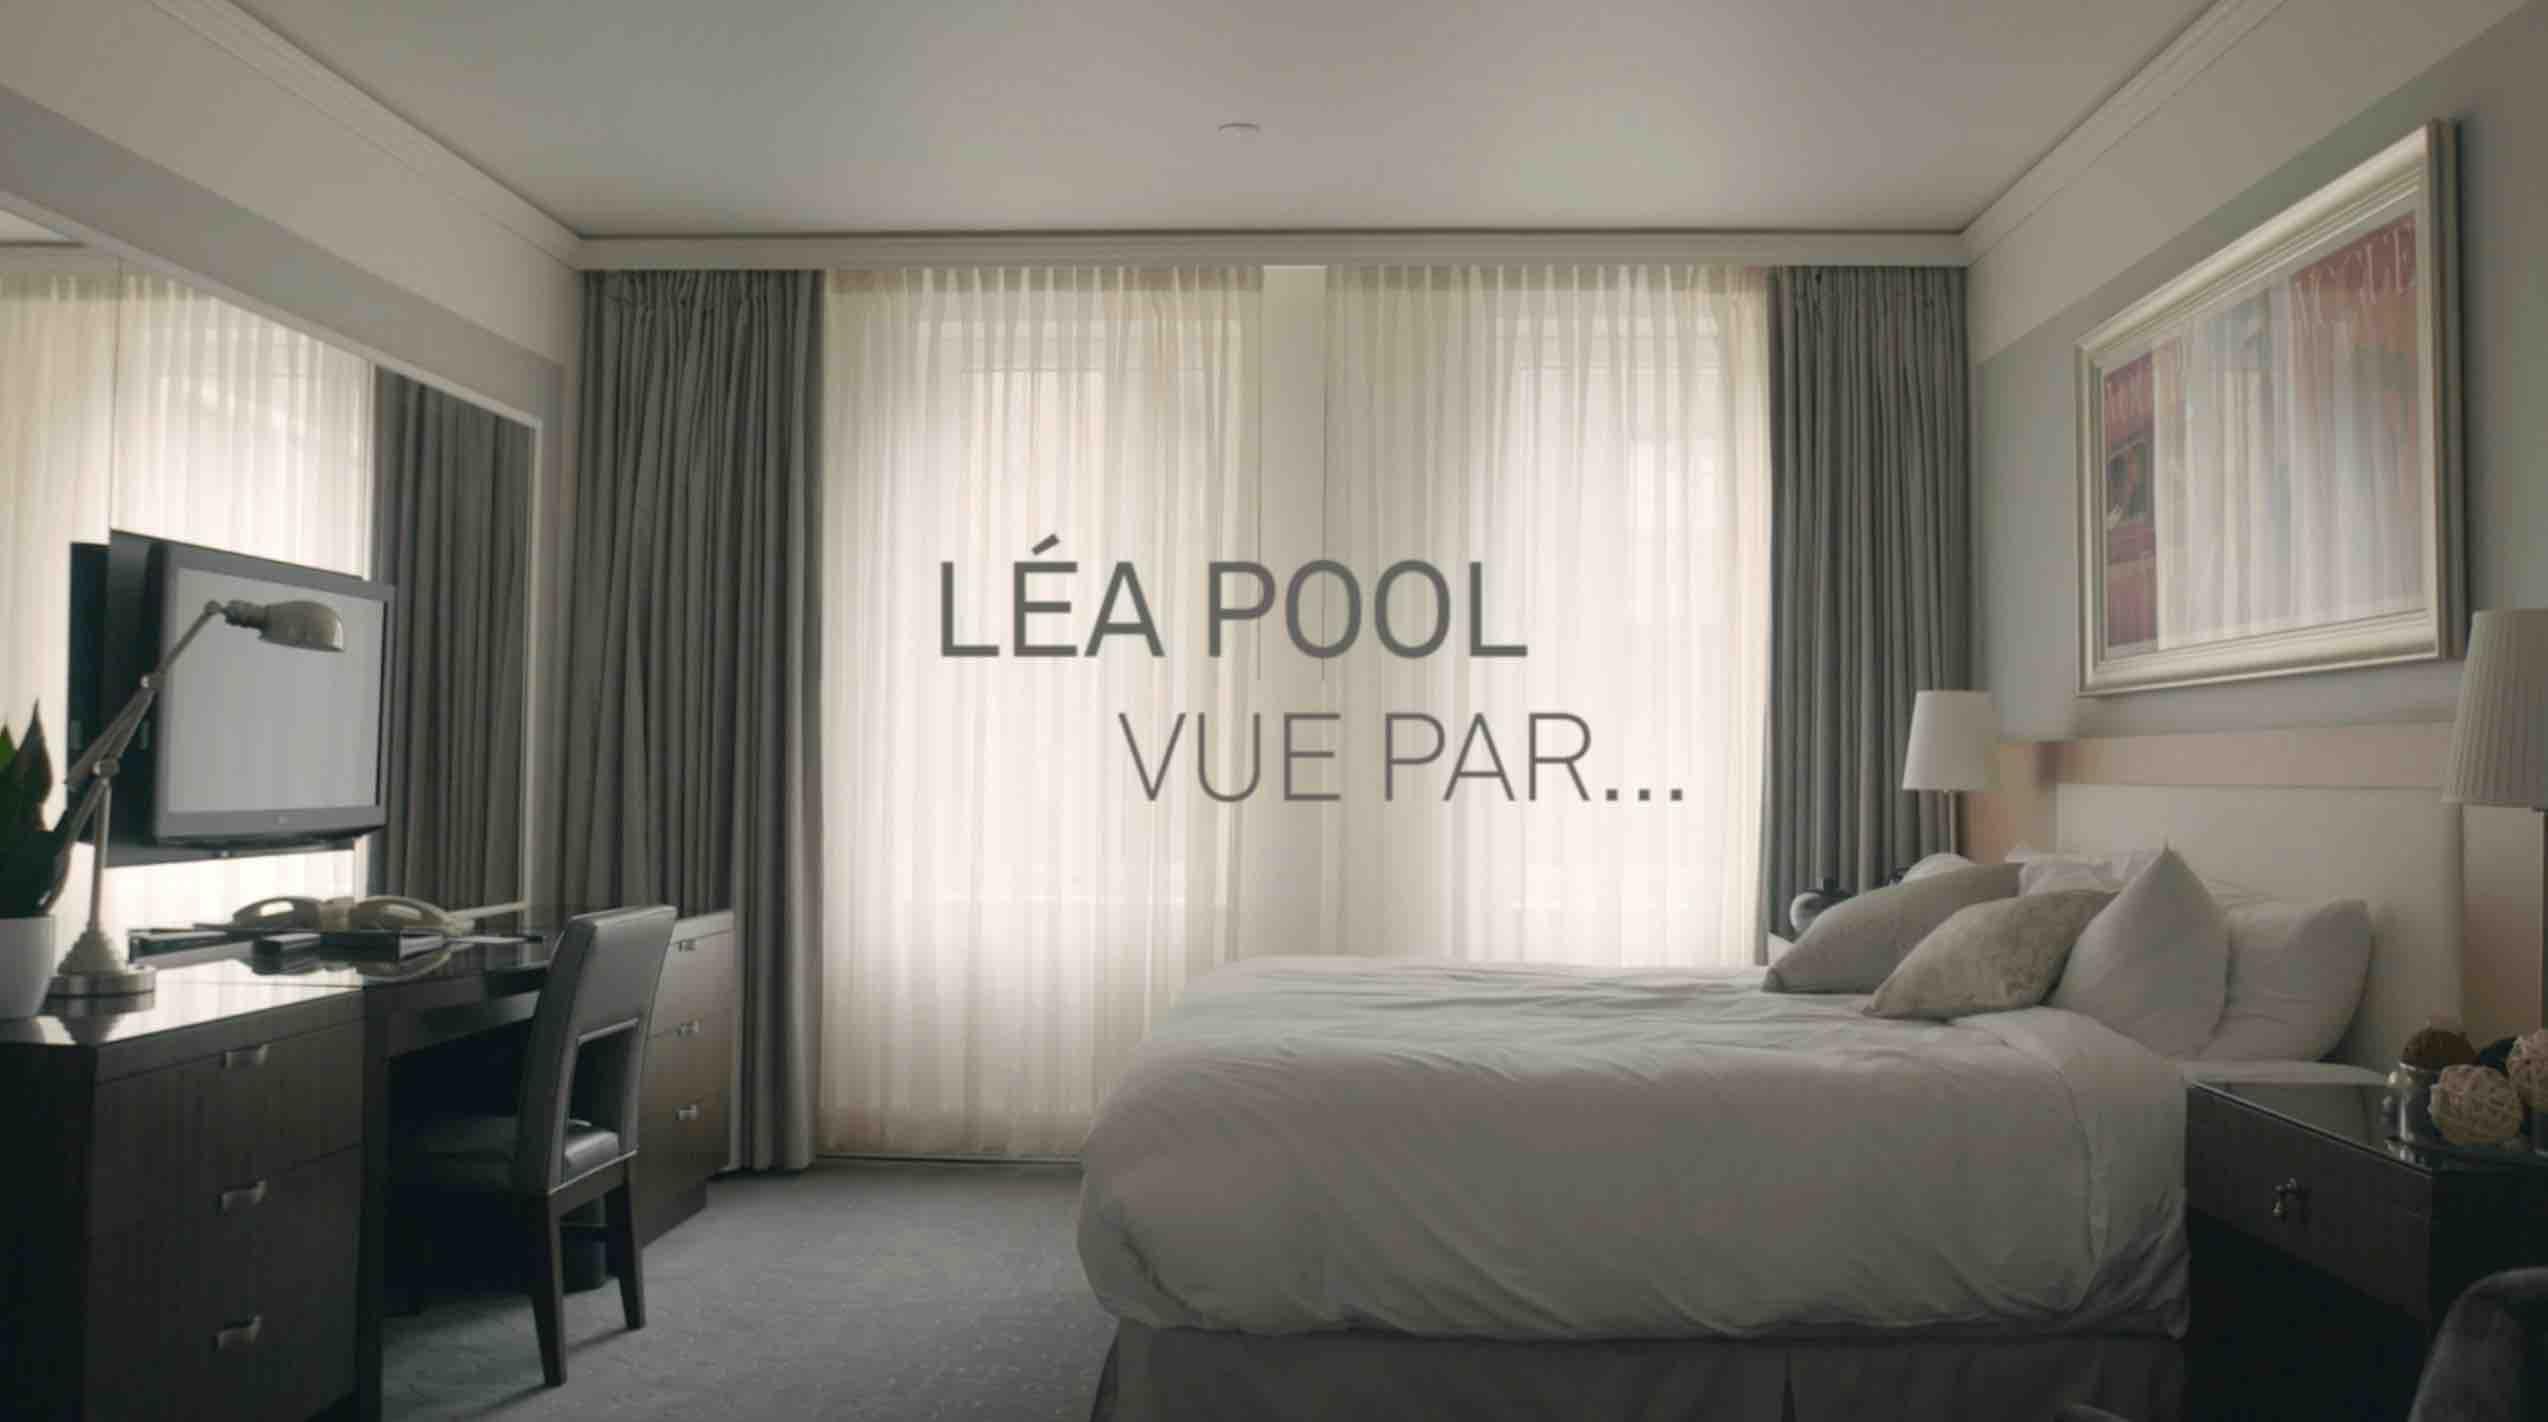 Léa Pool vue par...